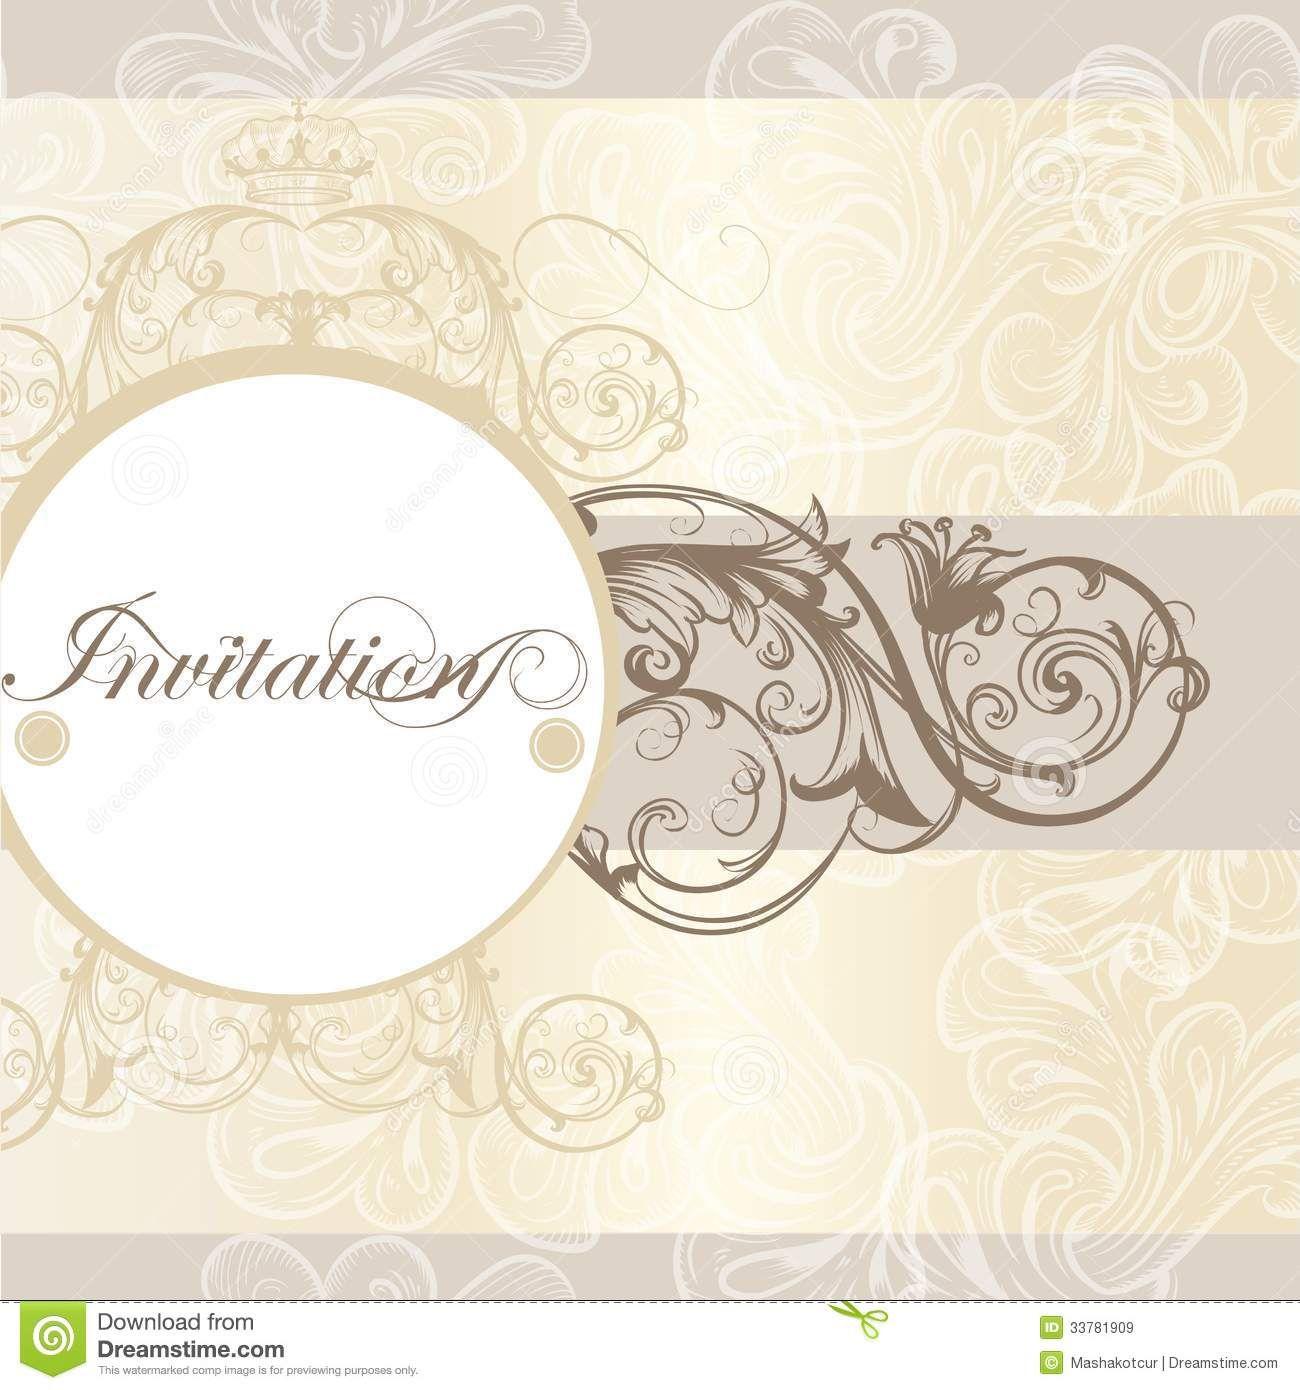 Wedding Invitation Designs Free Download Invitation card